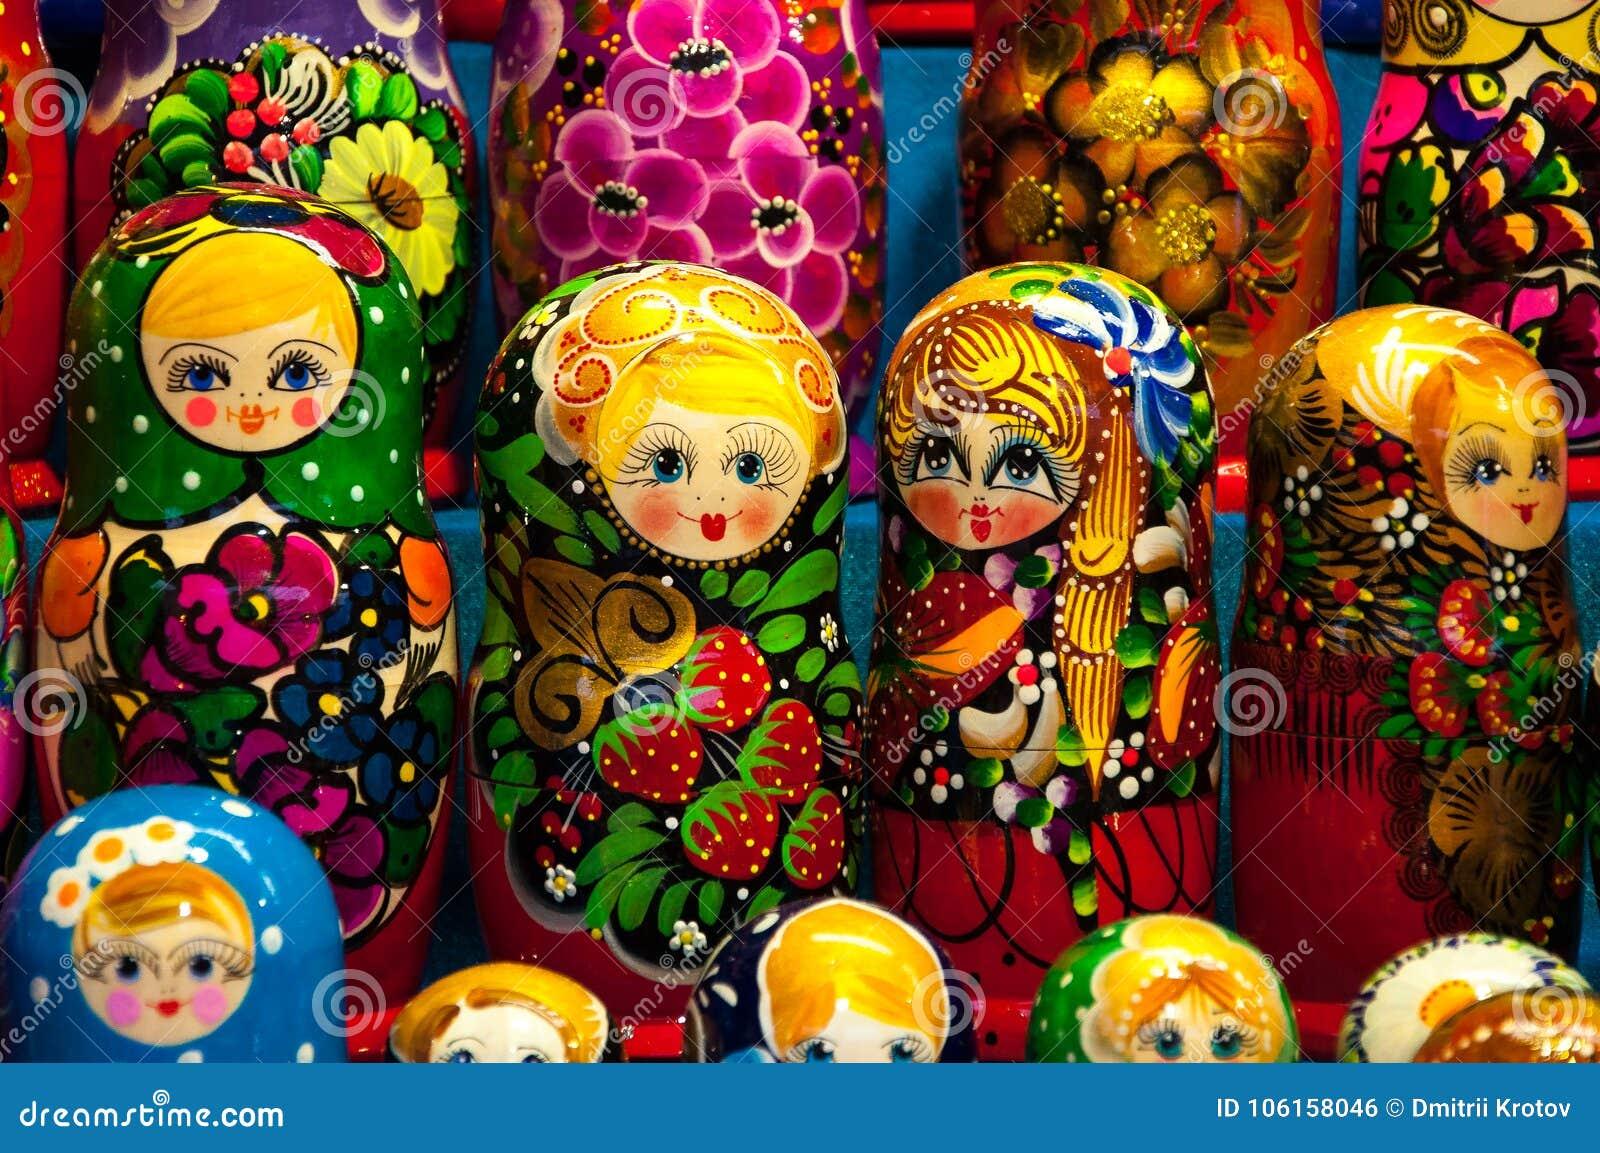 Boże Narodzenie rynek w placu czerwonym, Moskwa Sprzedaż zabawek, sławnych i popularnych baśniowi charaktery, figurki Matryoshka